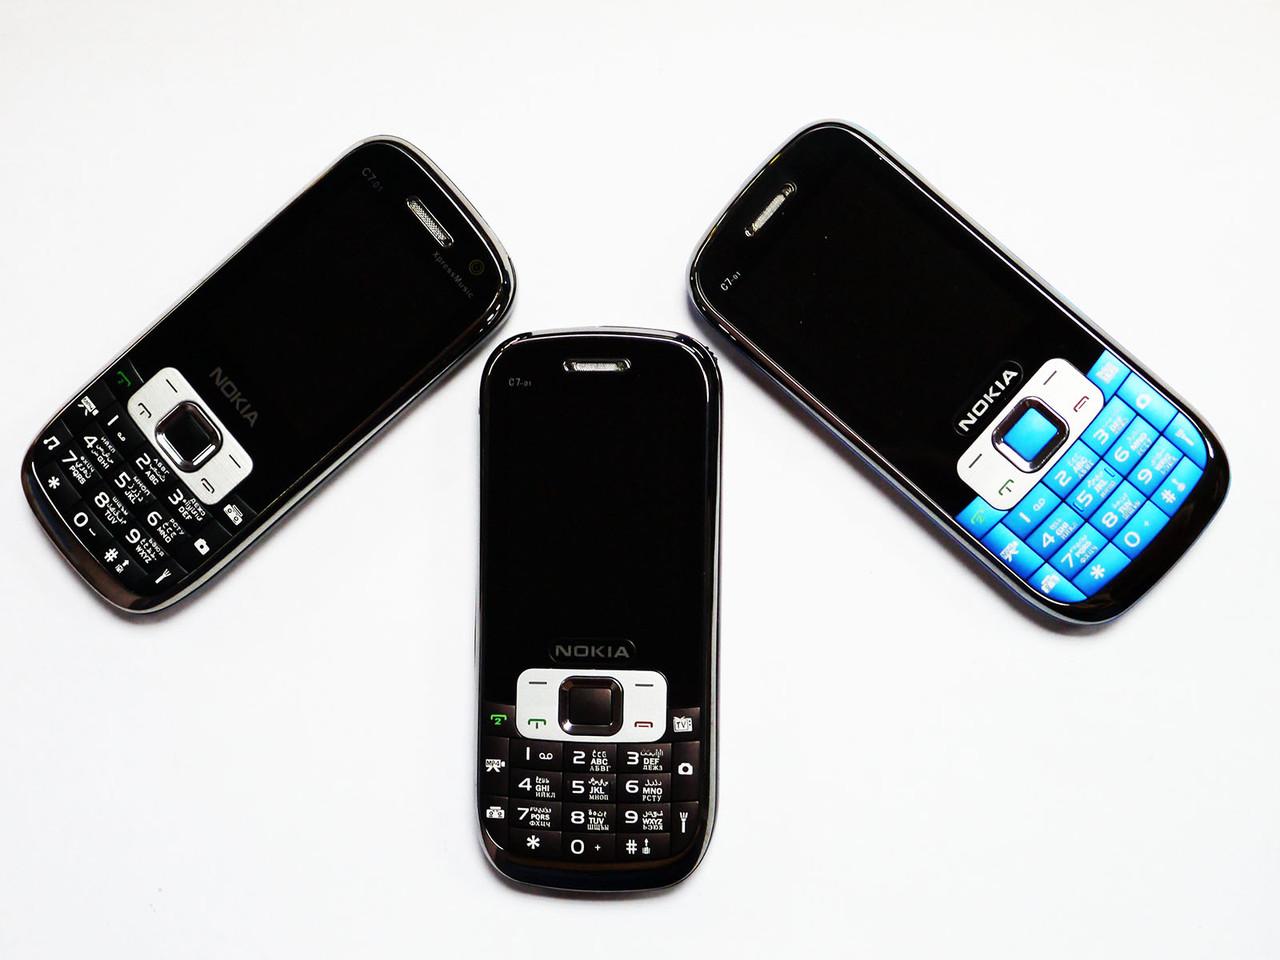 Телефон Nokia C7-01 2Sim - Металлический корпус - Fm - Bt - Cam